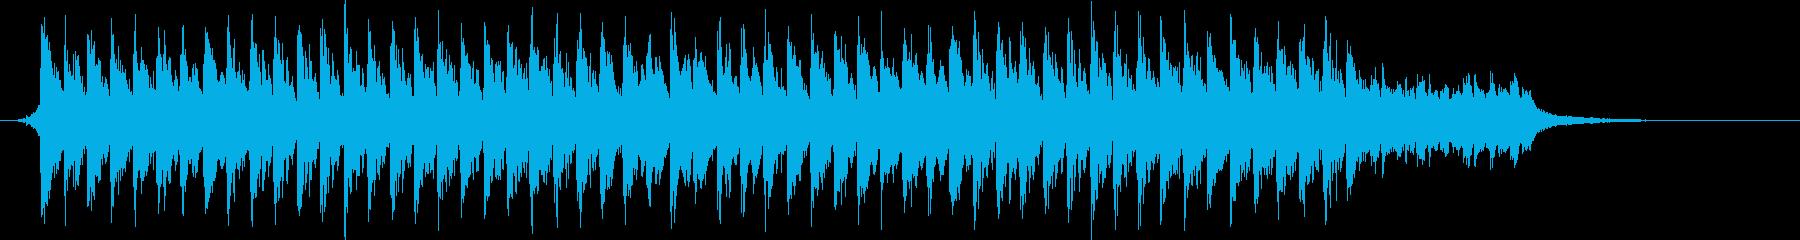 躍動感のある映像に、BGMで更に迫力をの再生済みの波形